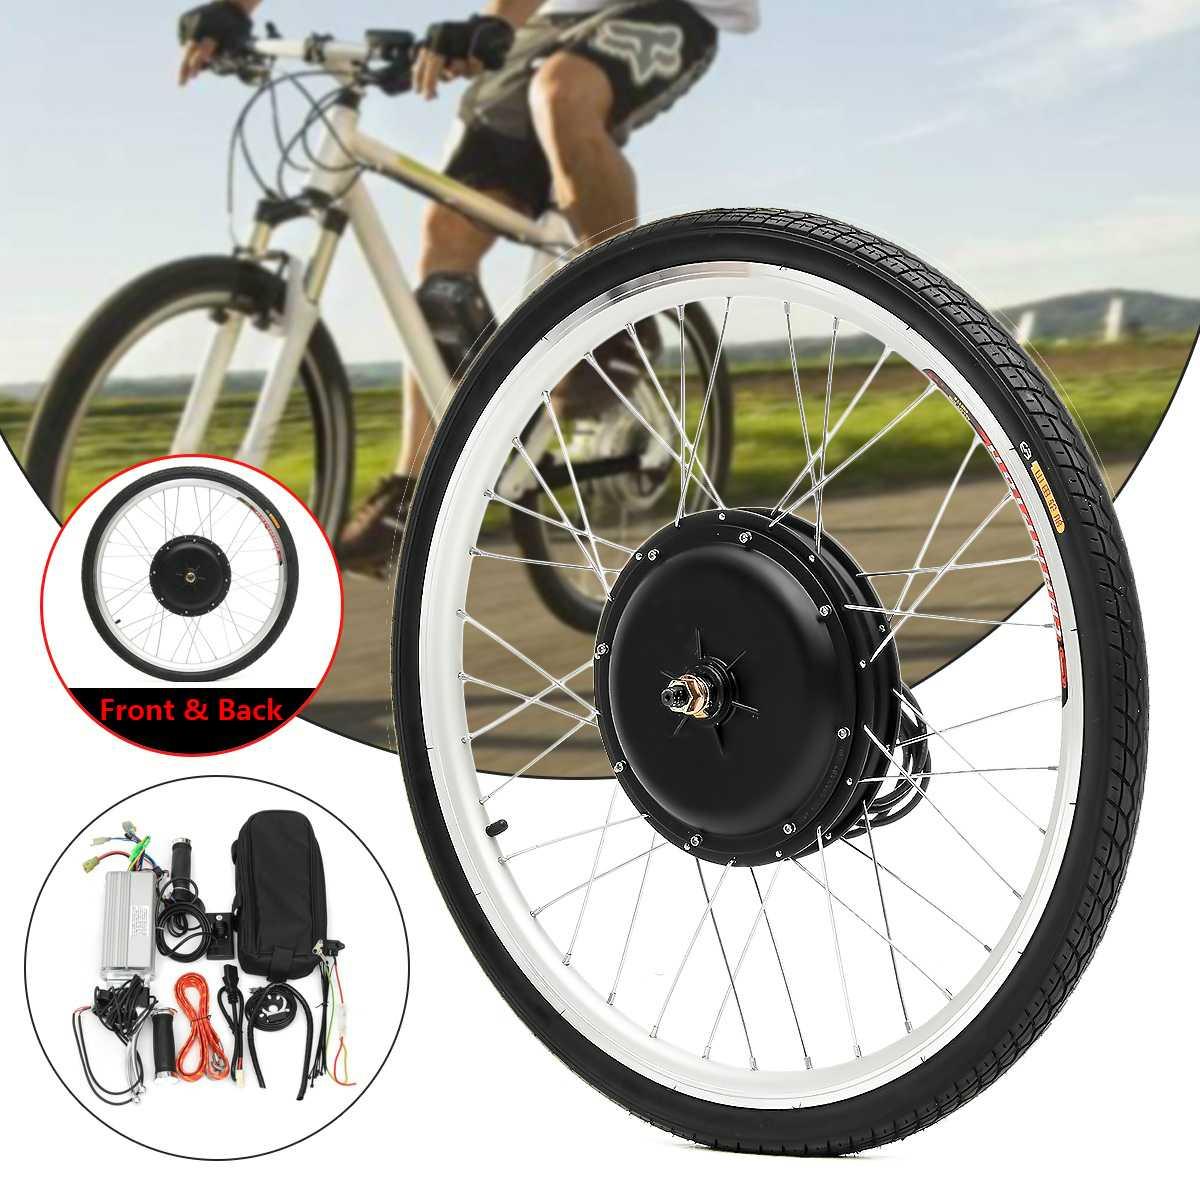 Ebike-Kit de conversión de Bicicleta eléctrica, Motor de 48V y 1000W, rueda...